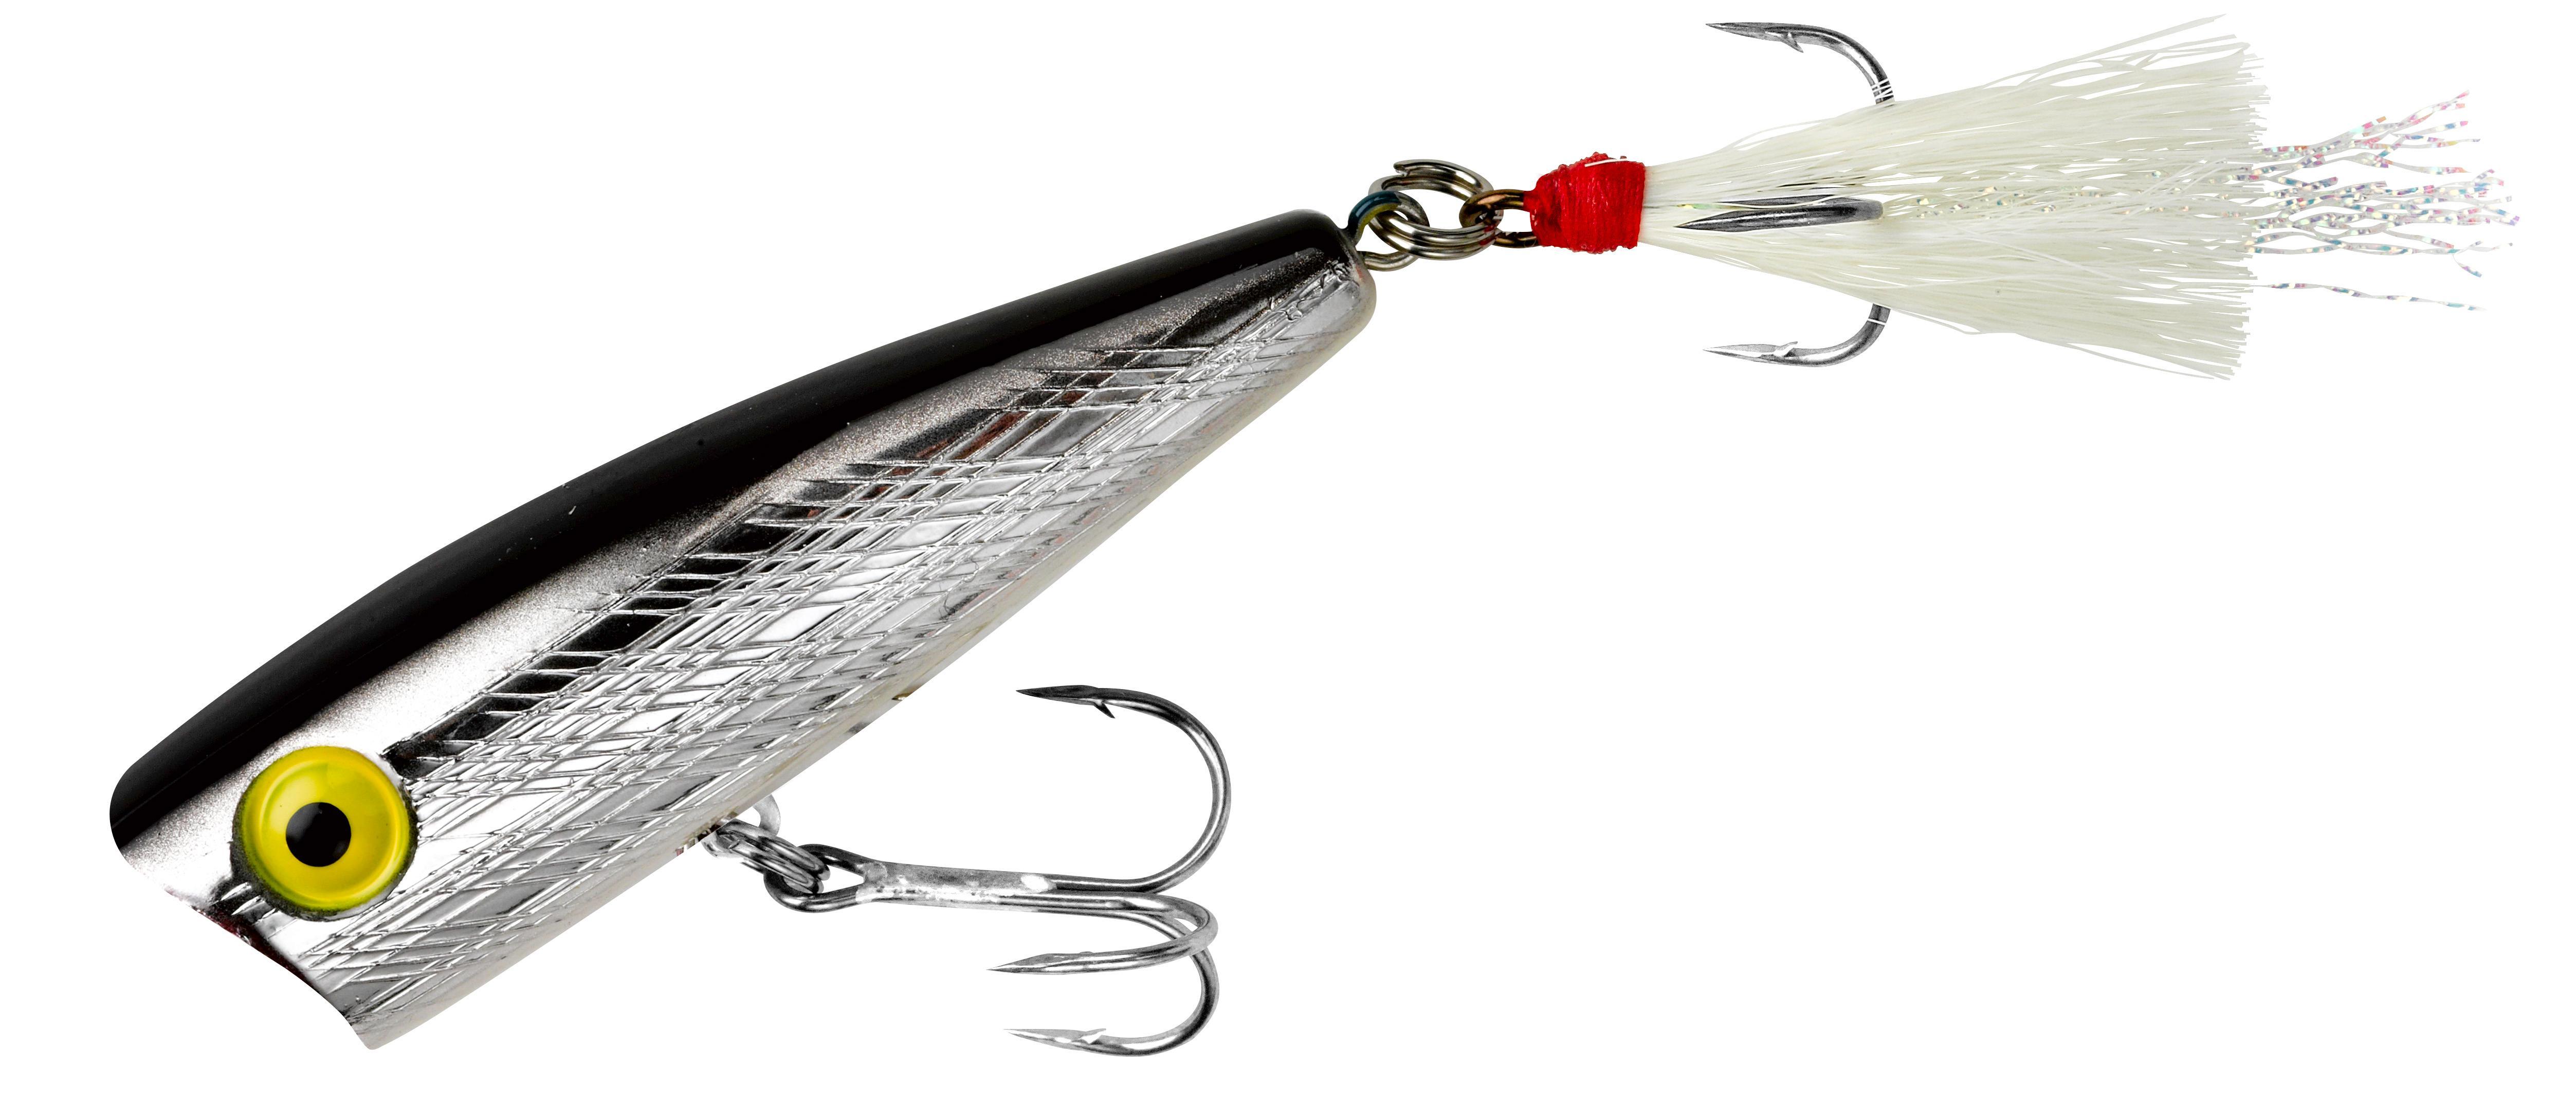 Rebel pop r fishing lure bone fishing for Rebel fishing lures